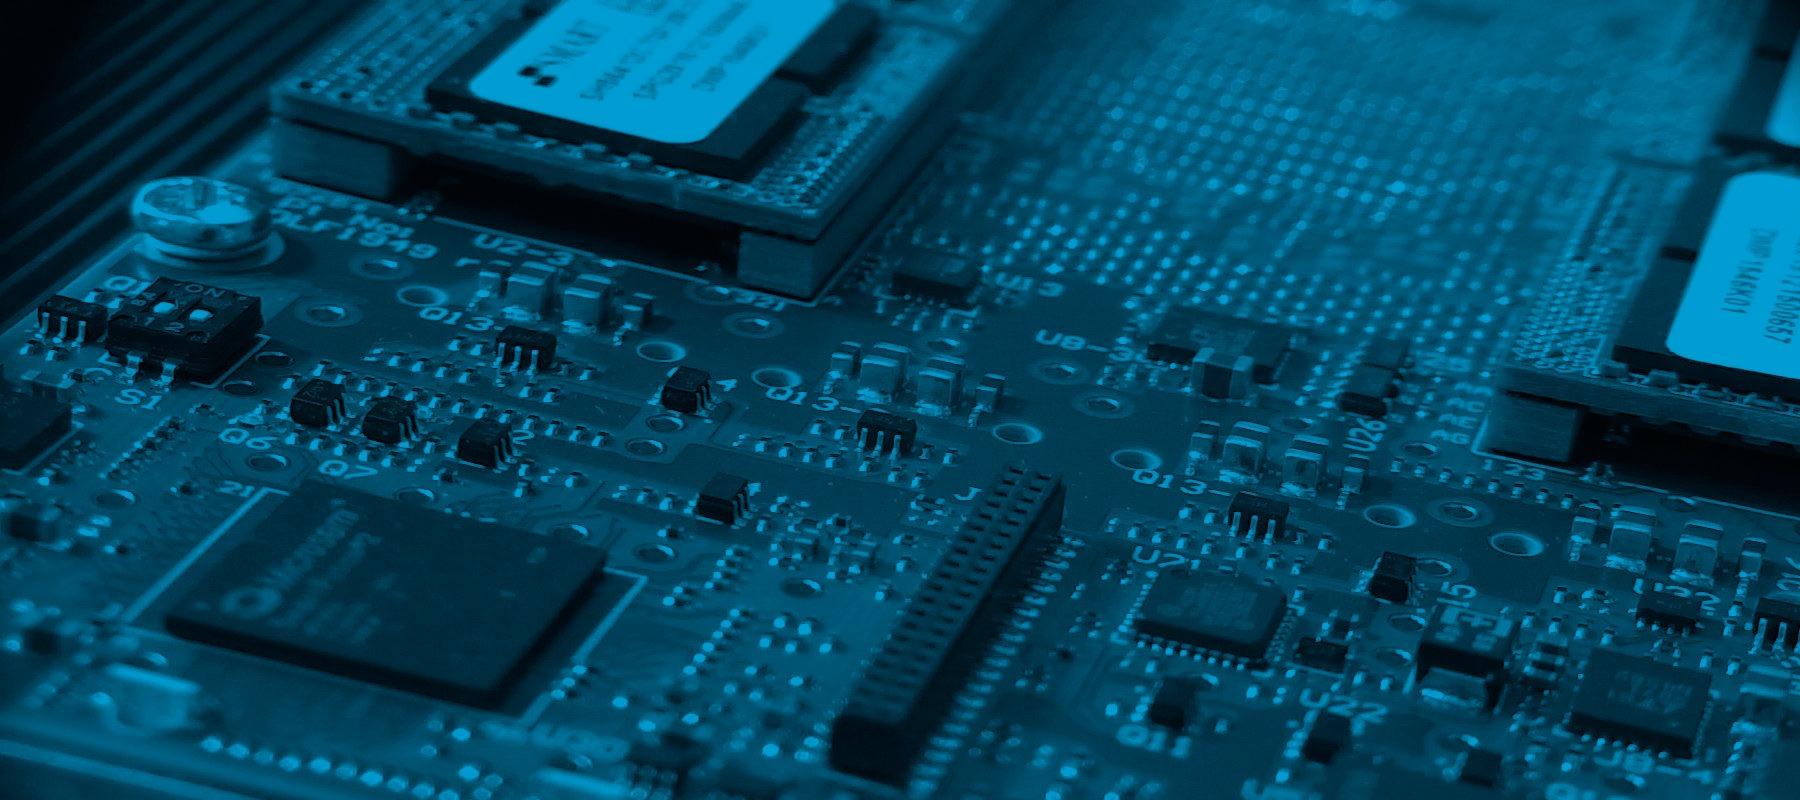 Interconics Fast PCBs